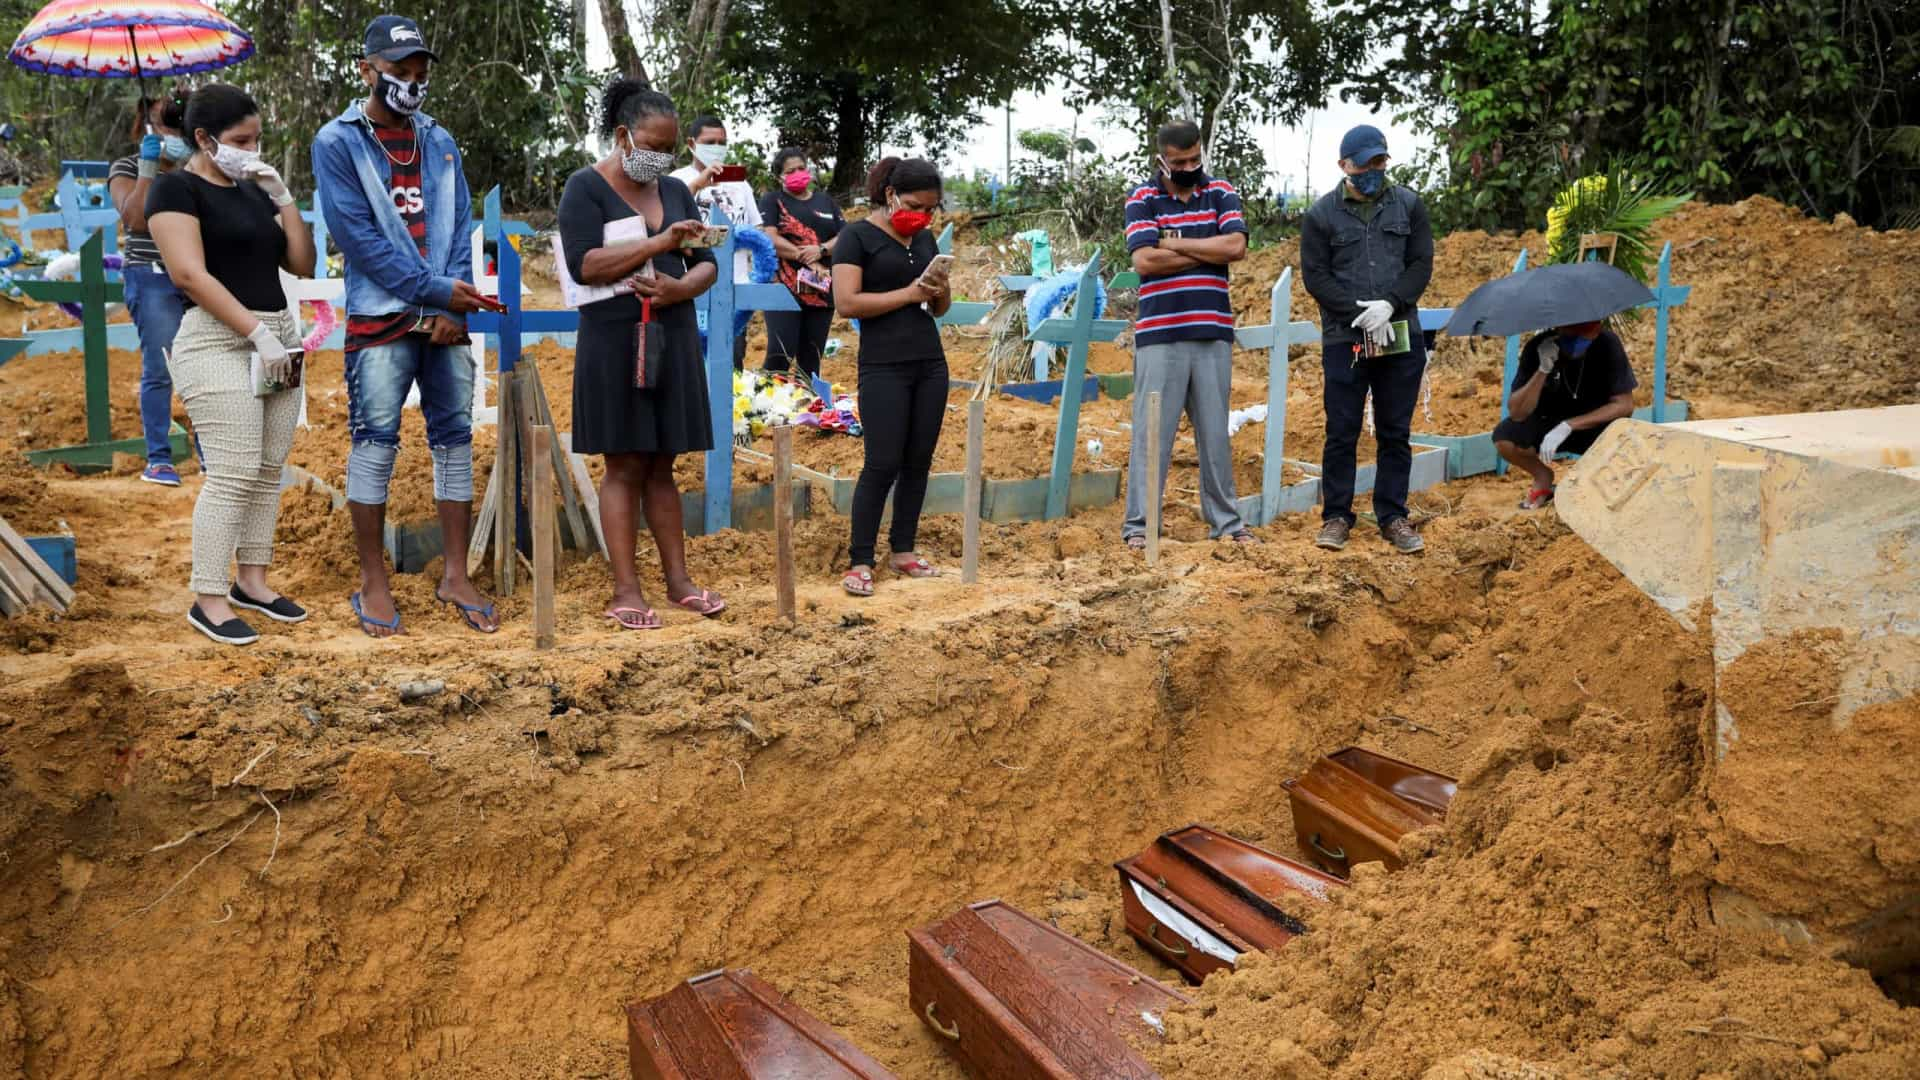 Brasil bate recorde e supera EUA em novas mortes por Covid por milhão de habitantes